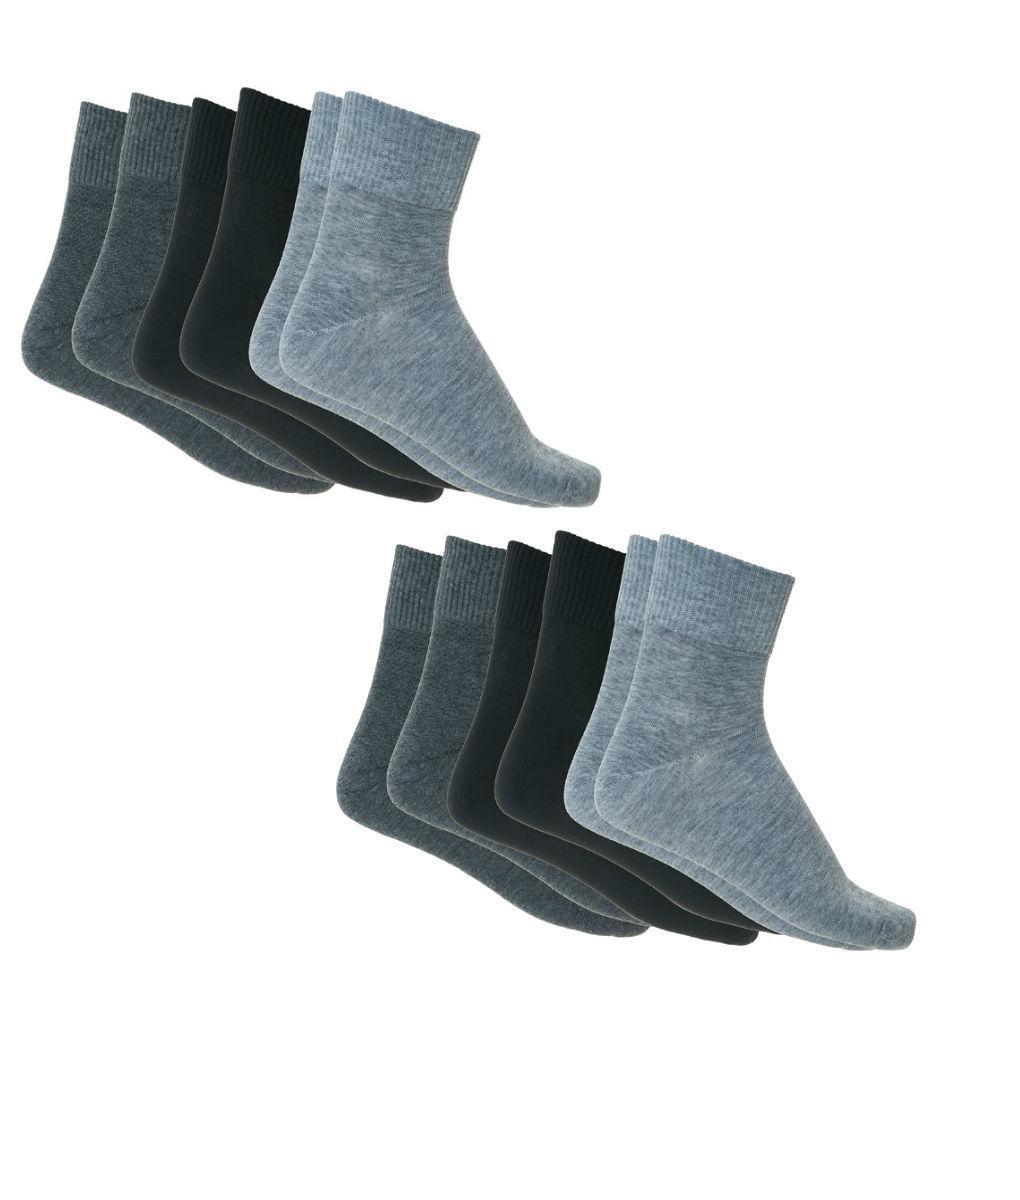 08bab8da3b36 6 ζεύγη ανδρικές βαμβακερές ημίκοντες κάλτσες σε Μαύρο-Γκρι-Ανθρακί.